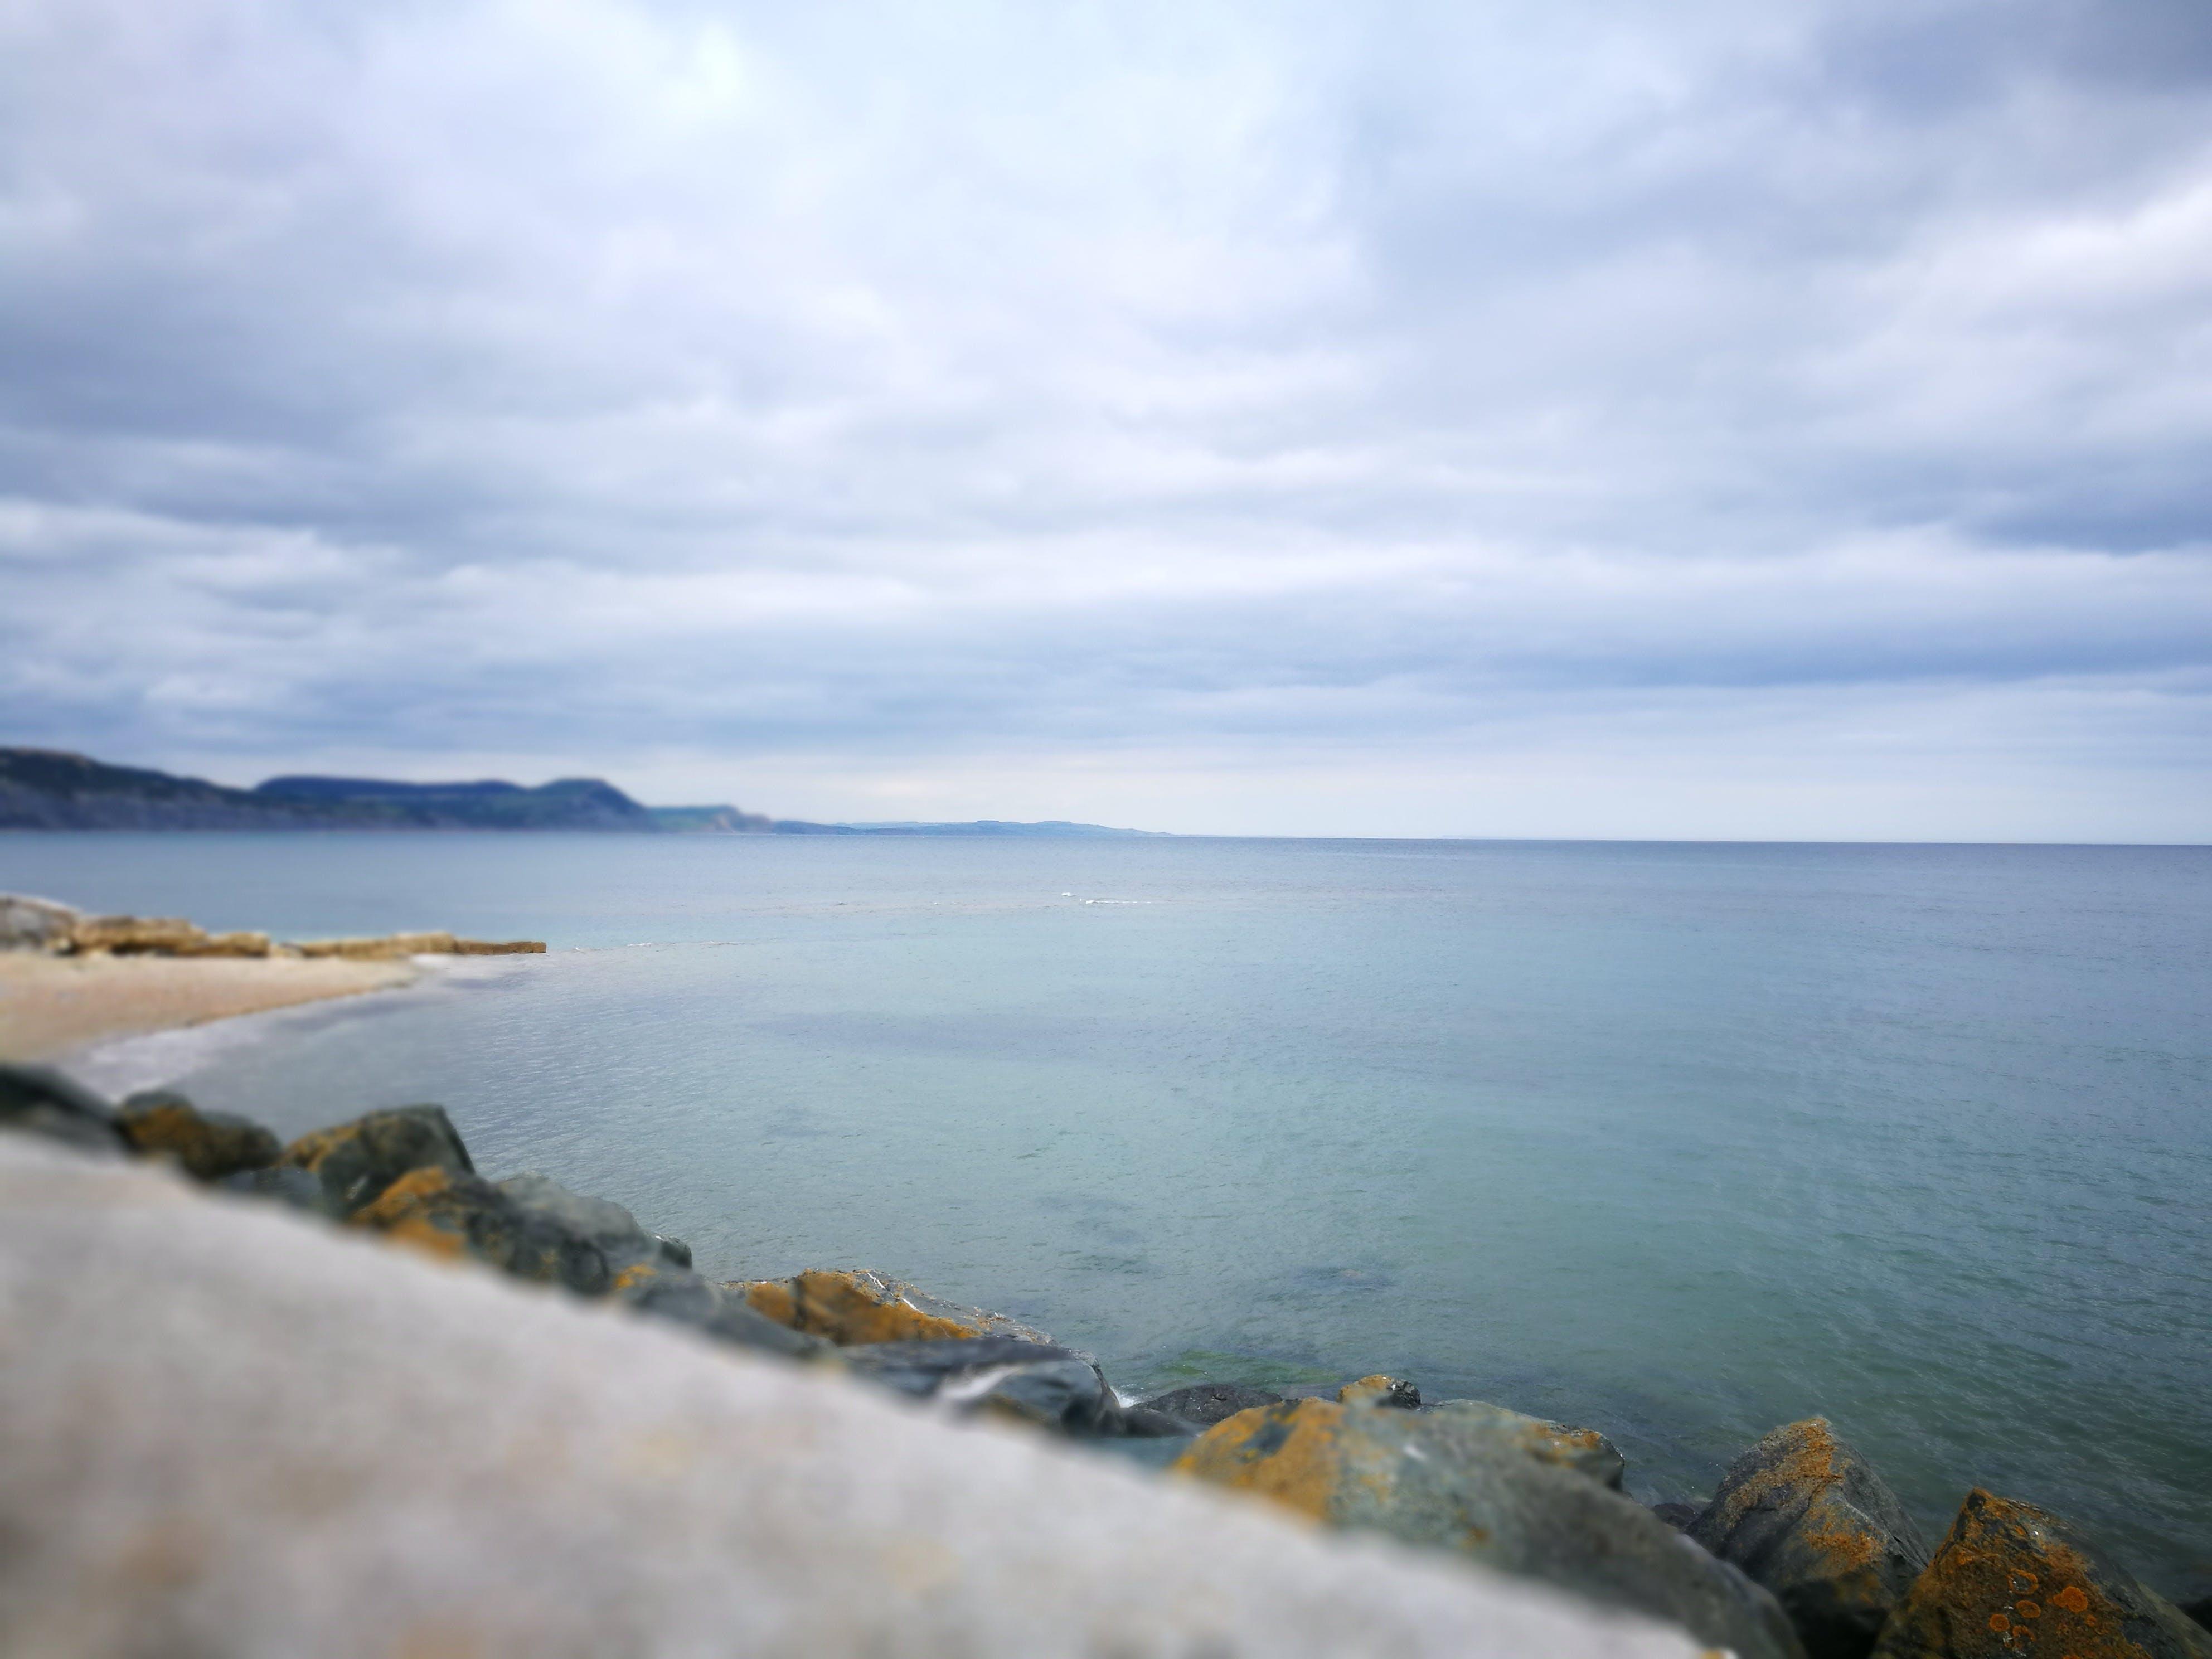 Gratis lagerfoto af hav, kystbane, sky, sten